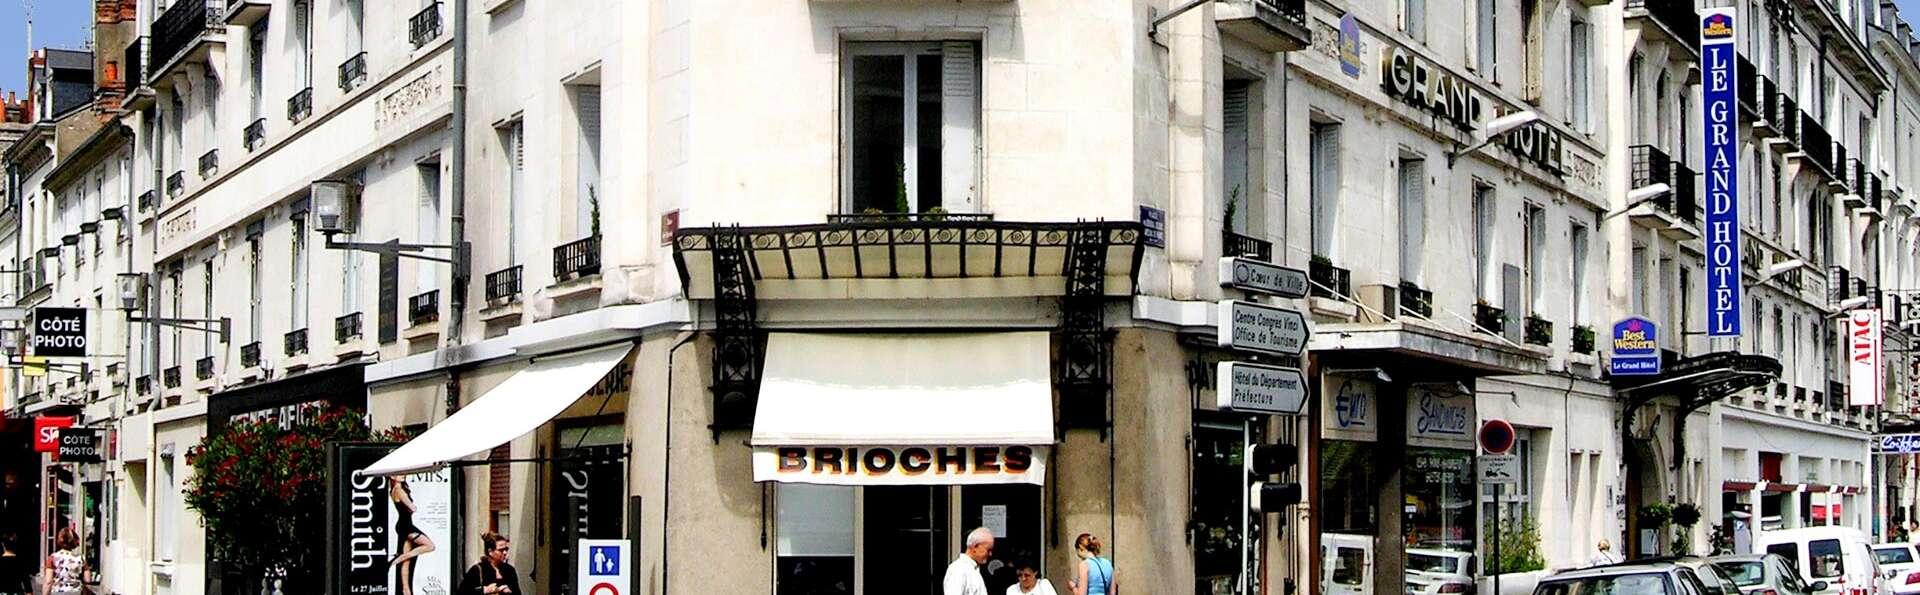 Le Grand Hôtel de Tours - EDIT_N2_FRONT_01.jpg